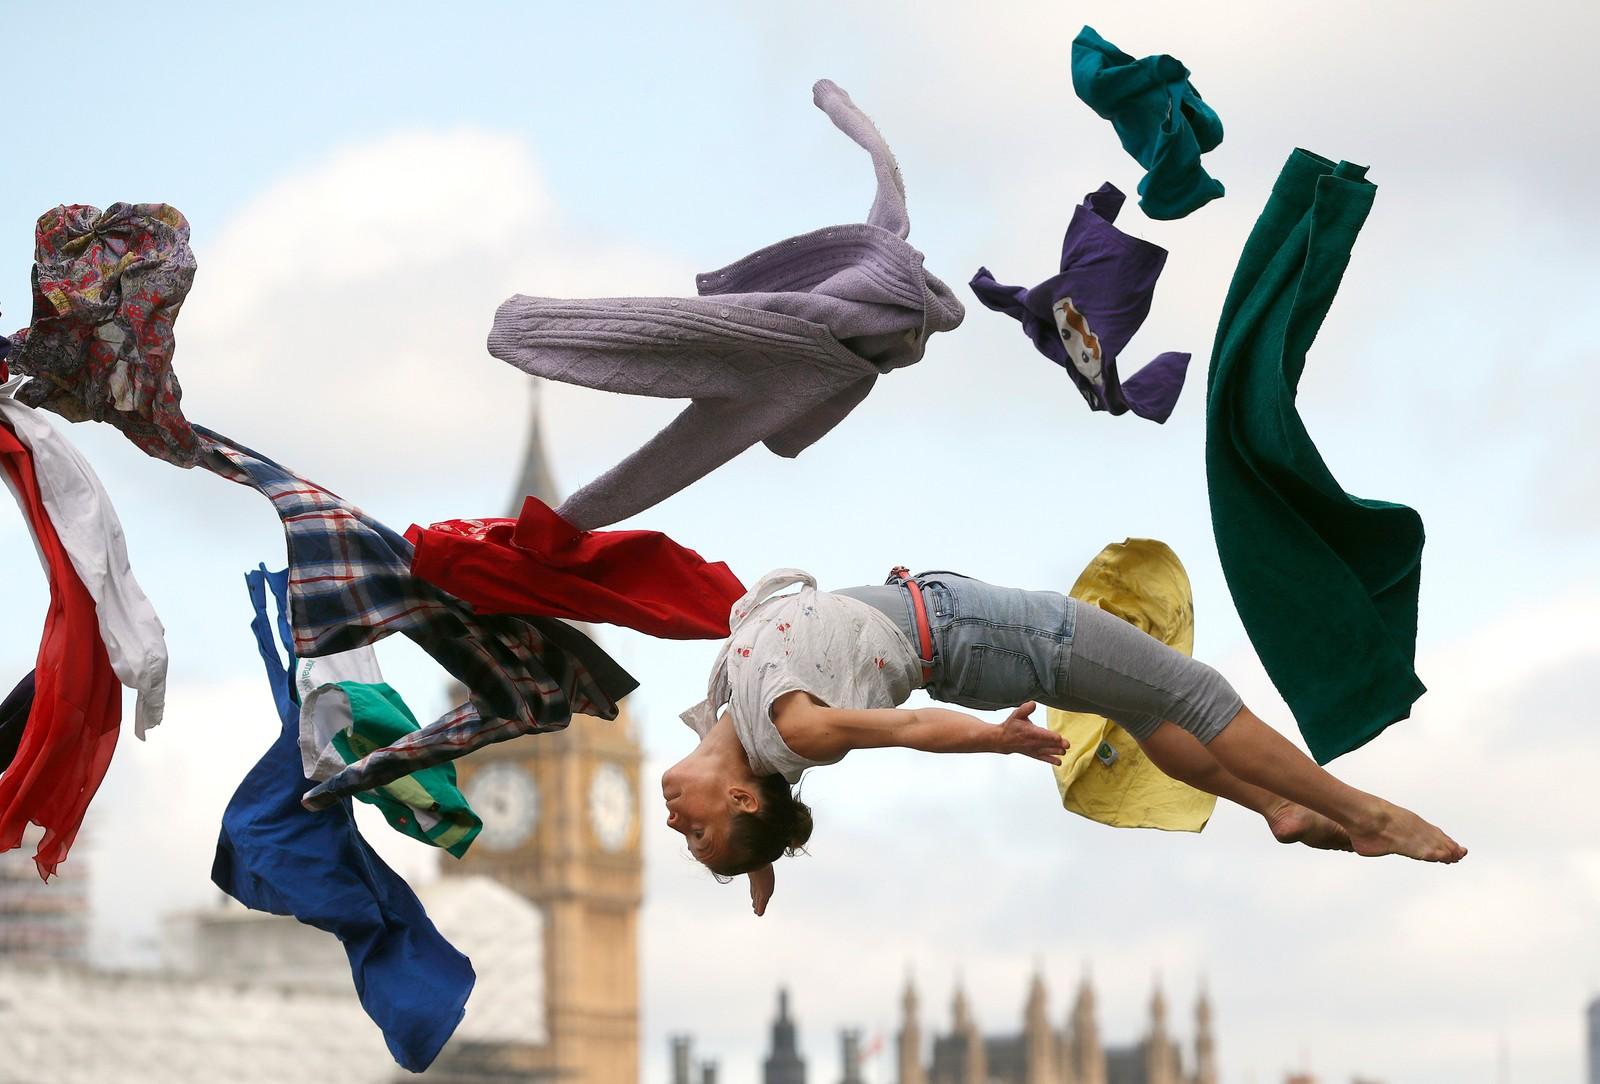 """Sirkusartister opptrer i London for å markere """"Cirkus25"""", som er en feiring av at Philip Astley skapte det som regnes for det første moderne sirkuset for 250 år siden."""